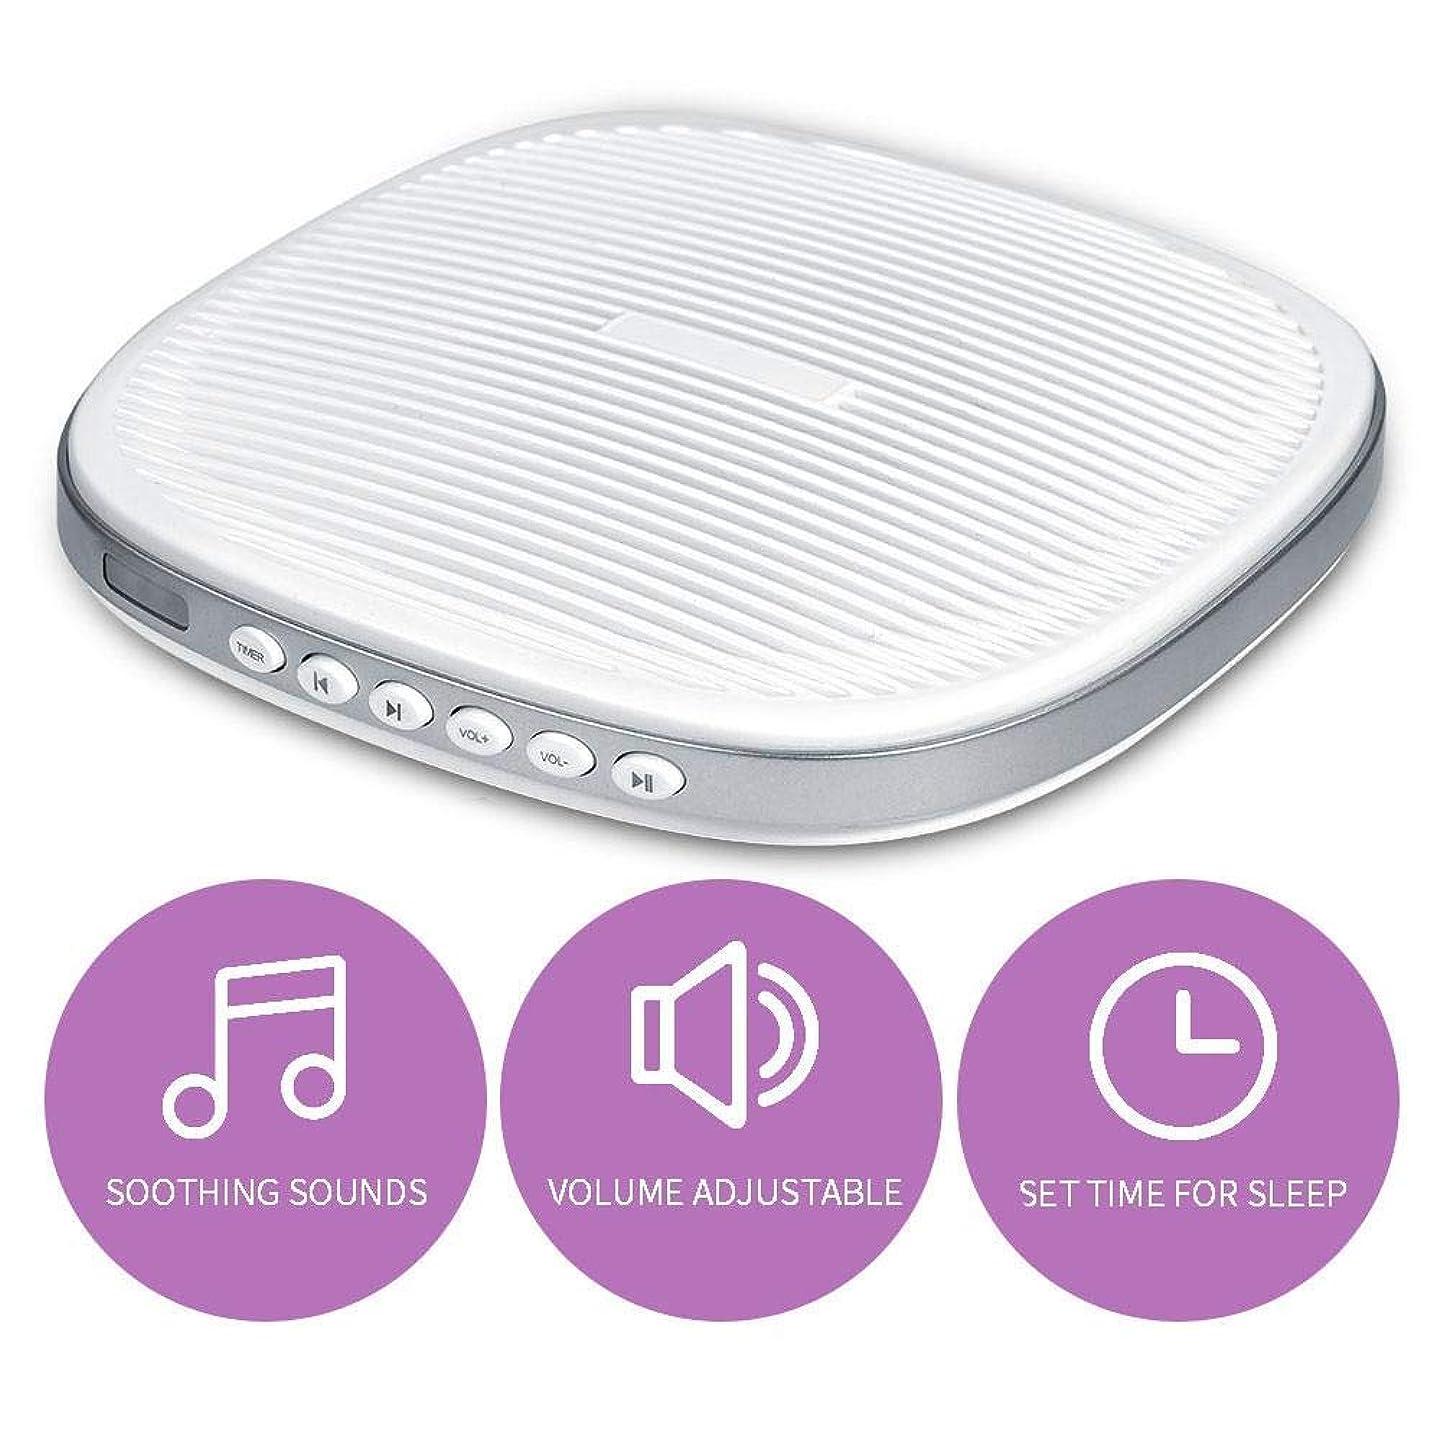 生むピクニッククスコ携帯用ホワイトノイズの睡眠機、赤ちゃん大人の旅行者の寝室のオフィスの家のための20のなだめるような音の3つのタイマーの睡眠の音機械